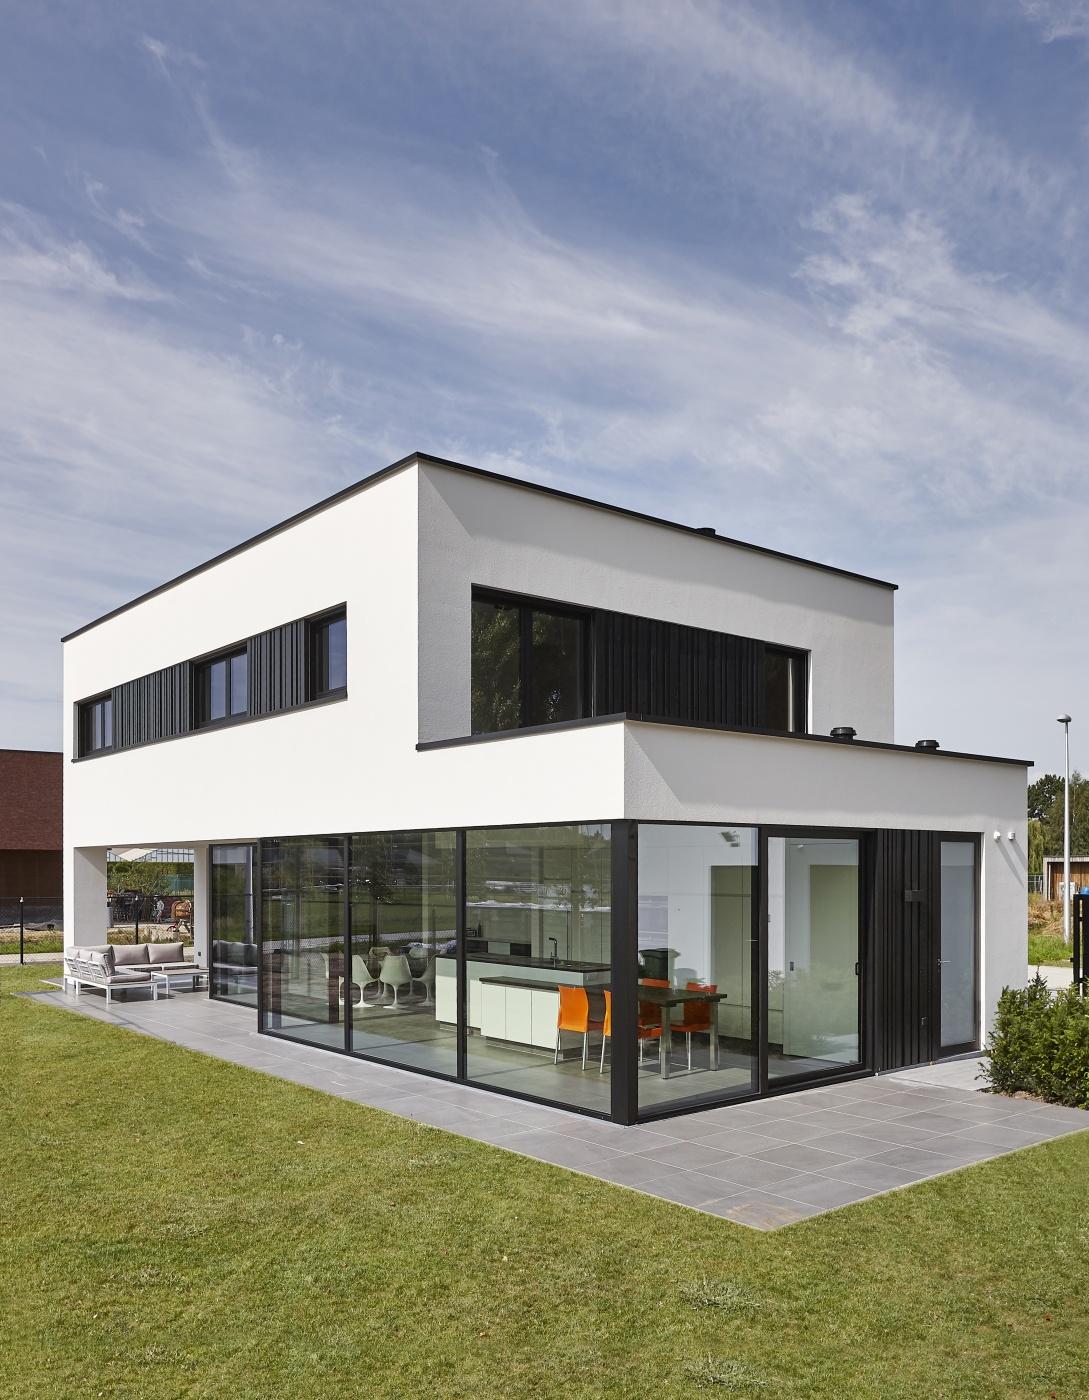 Villabouw dumobil tielt west vlaanderen - Zeer moderne woning ...